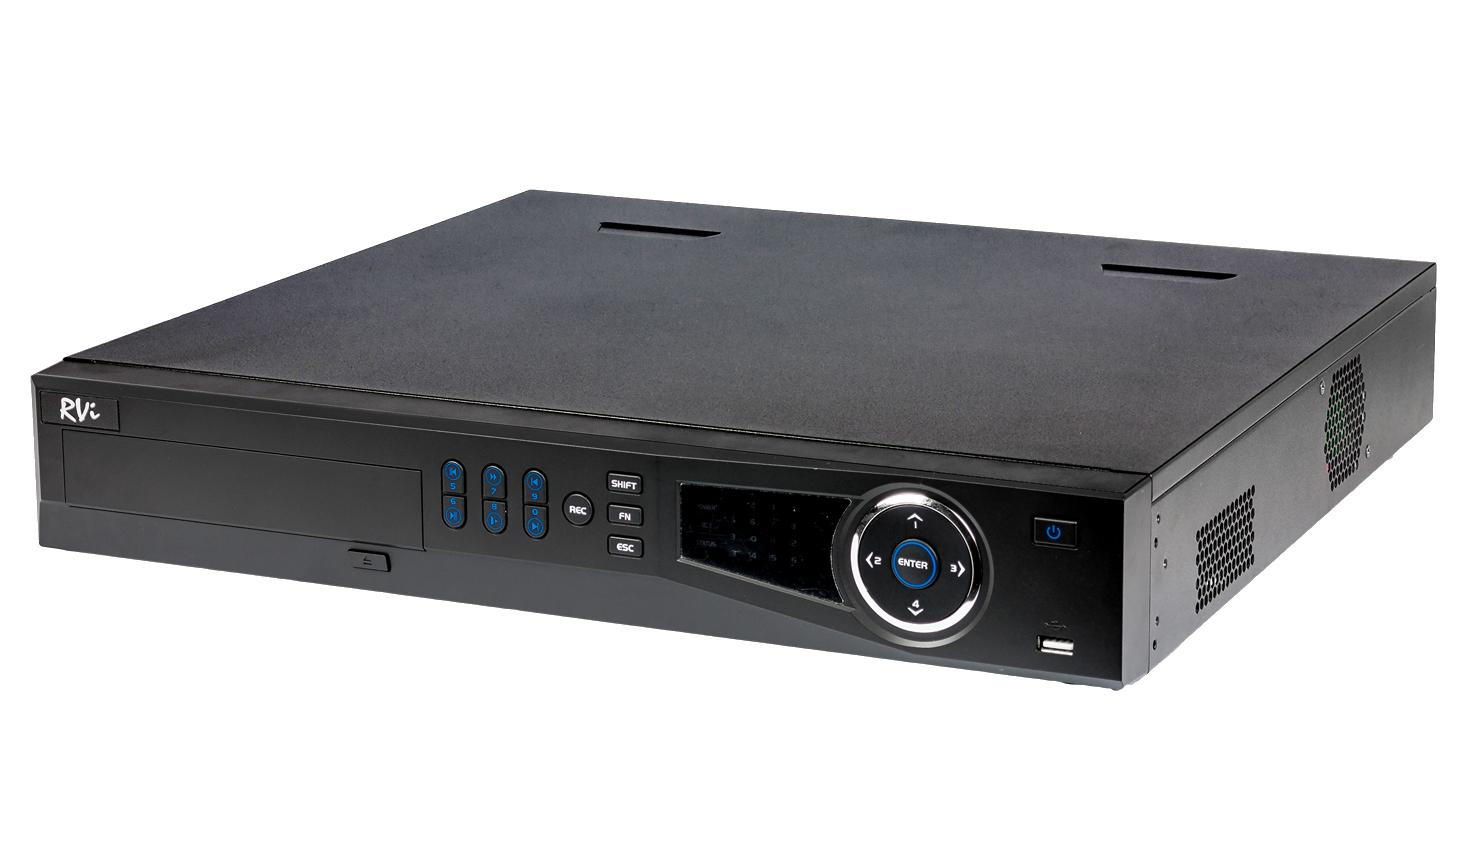 инструкция на видеорегистратор dahya восьмиканальный